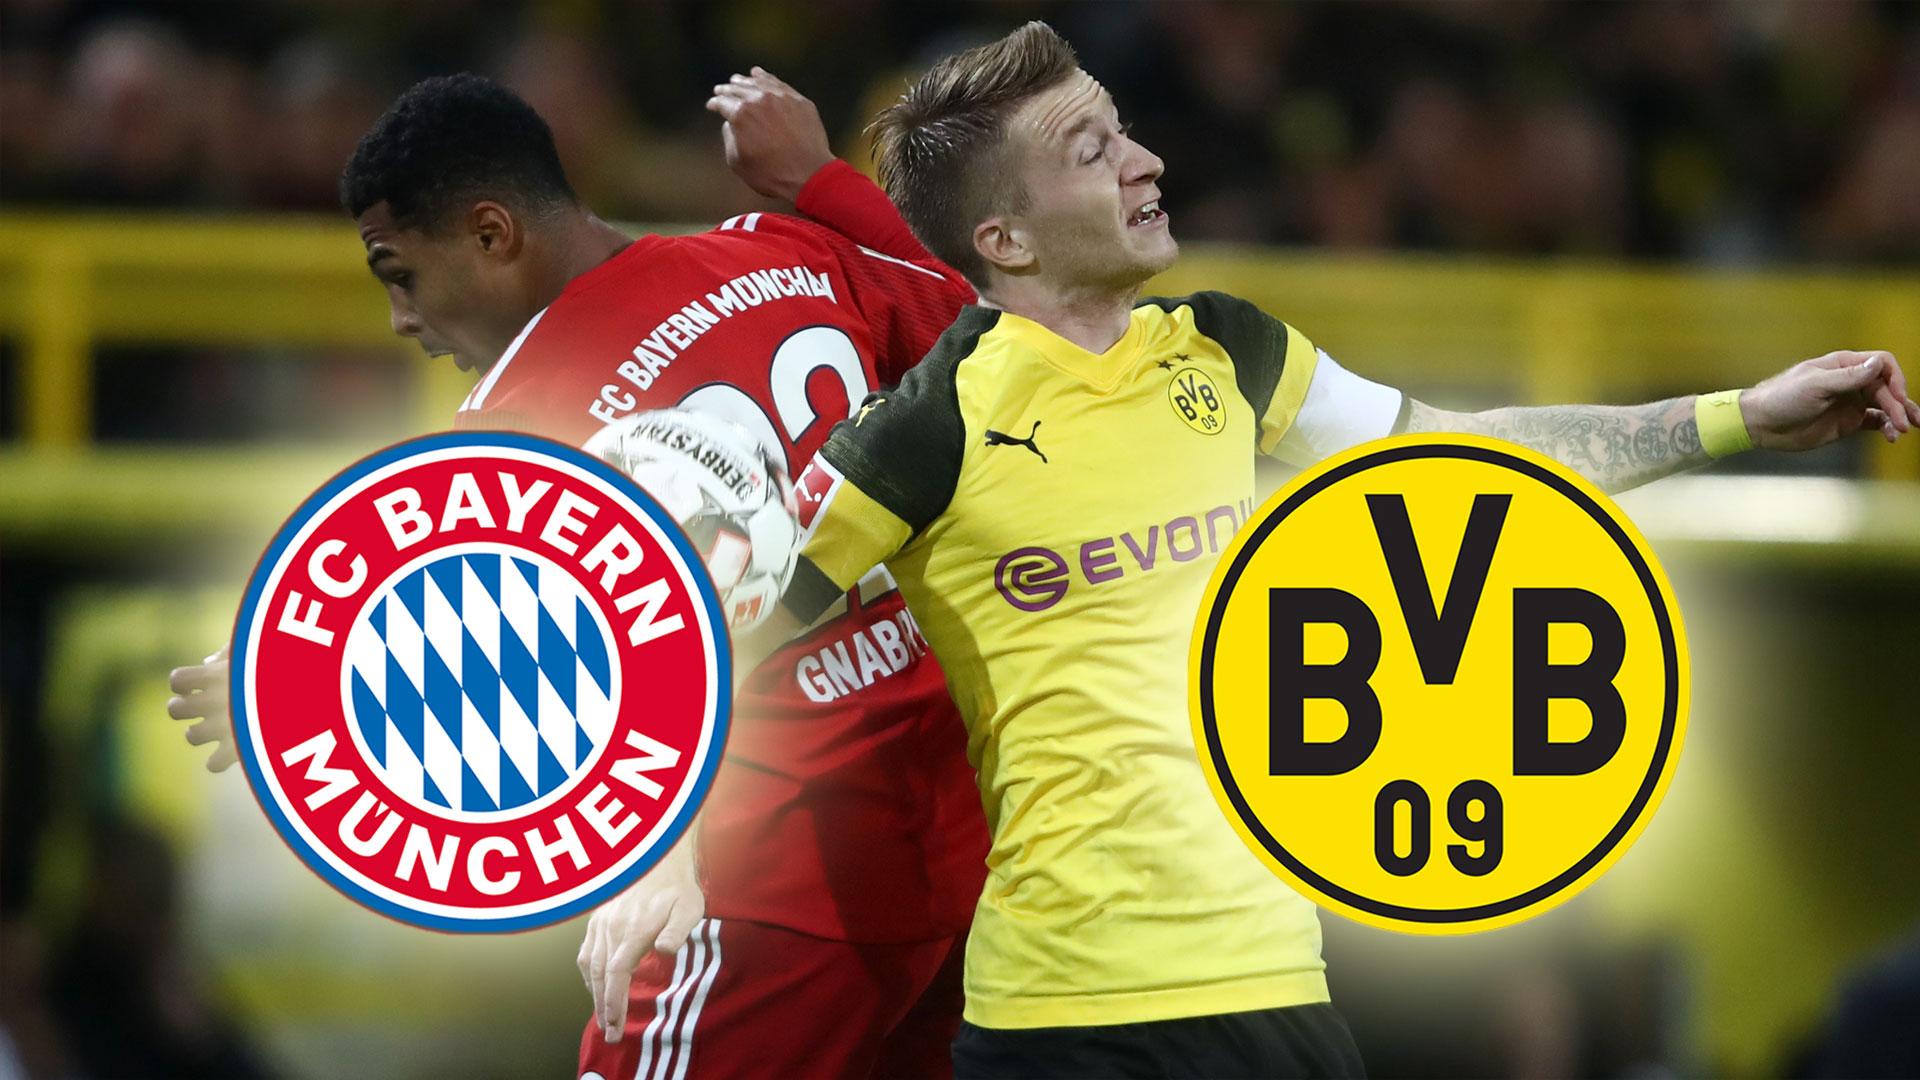 Wer Ubertragt Bayern Munchen Vs Bvb Jetzt Live Im Tv Und Live Stream Goal Com